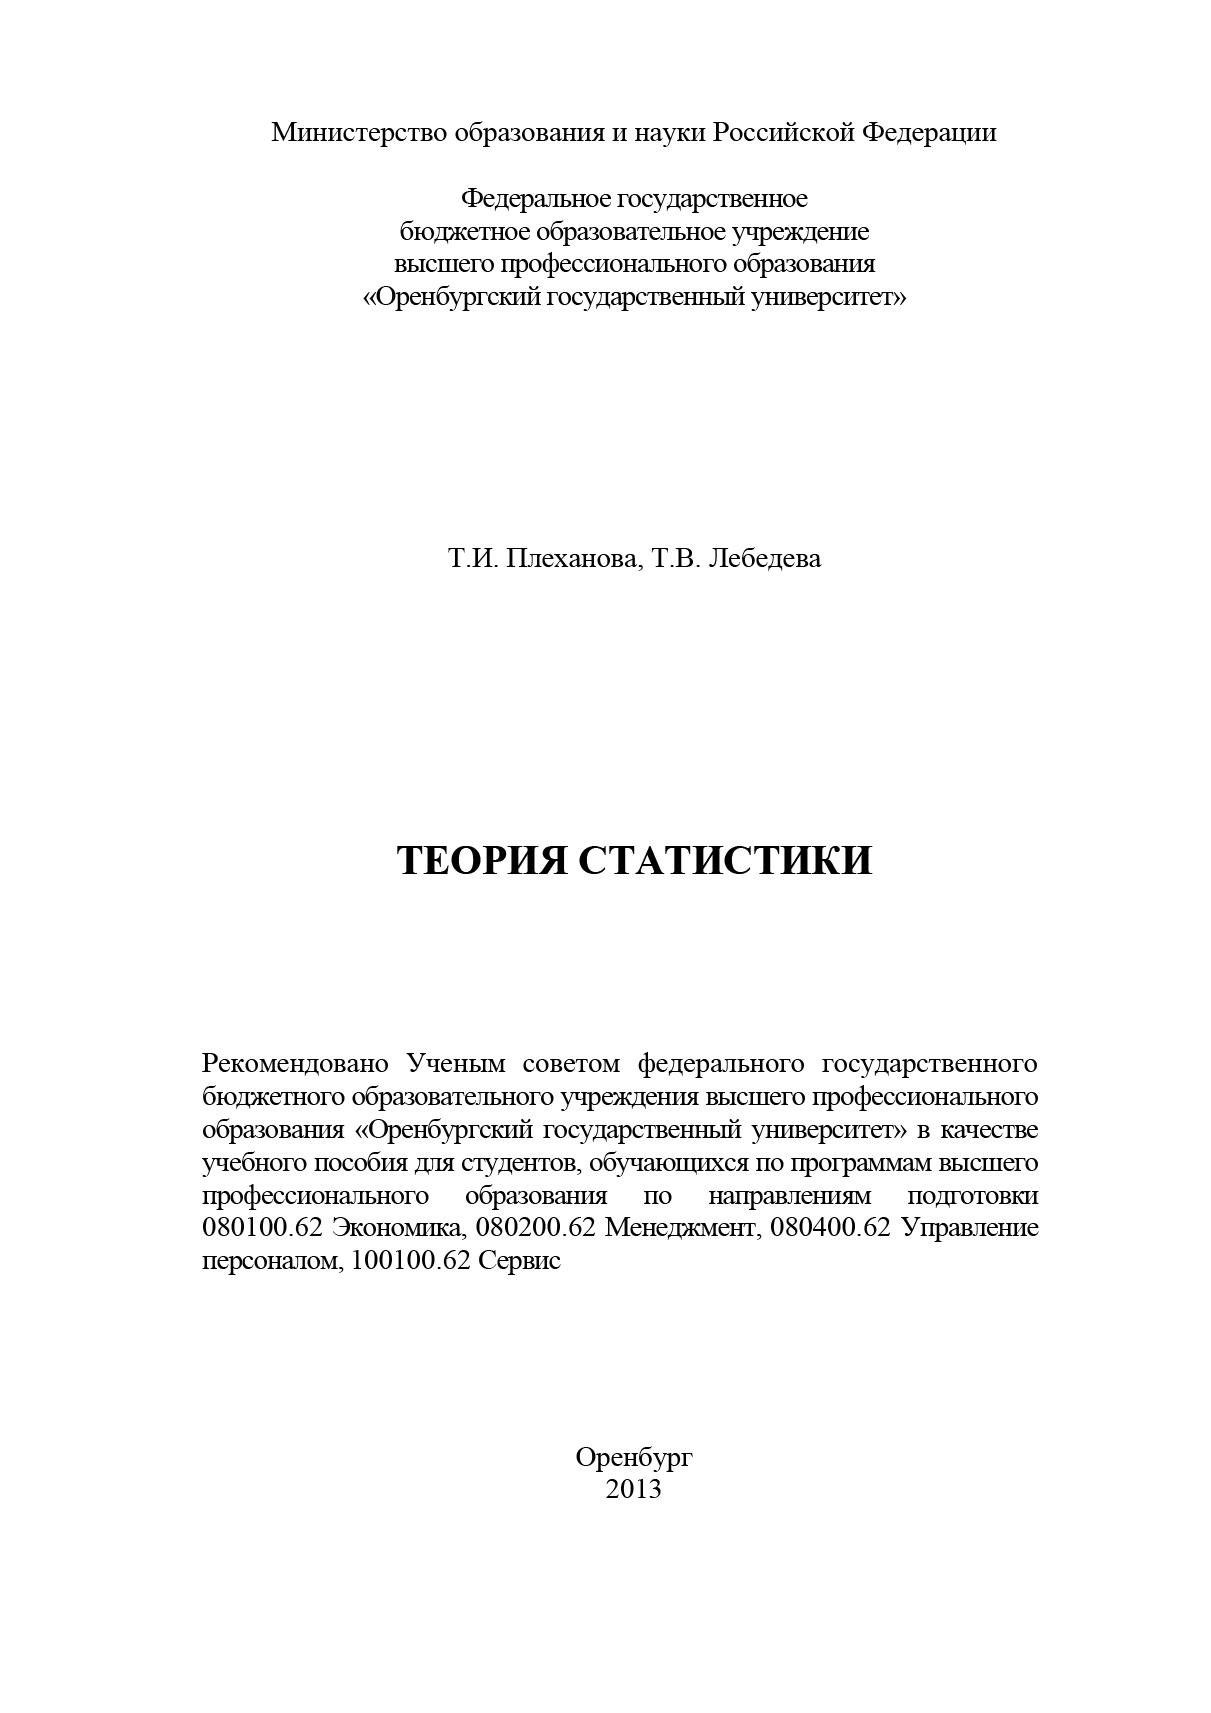 Т. Плеханова Теория статистики большаков а каримов р методы обработки многомерных данных и временных рядов isbn 5935172879